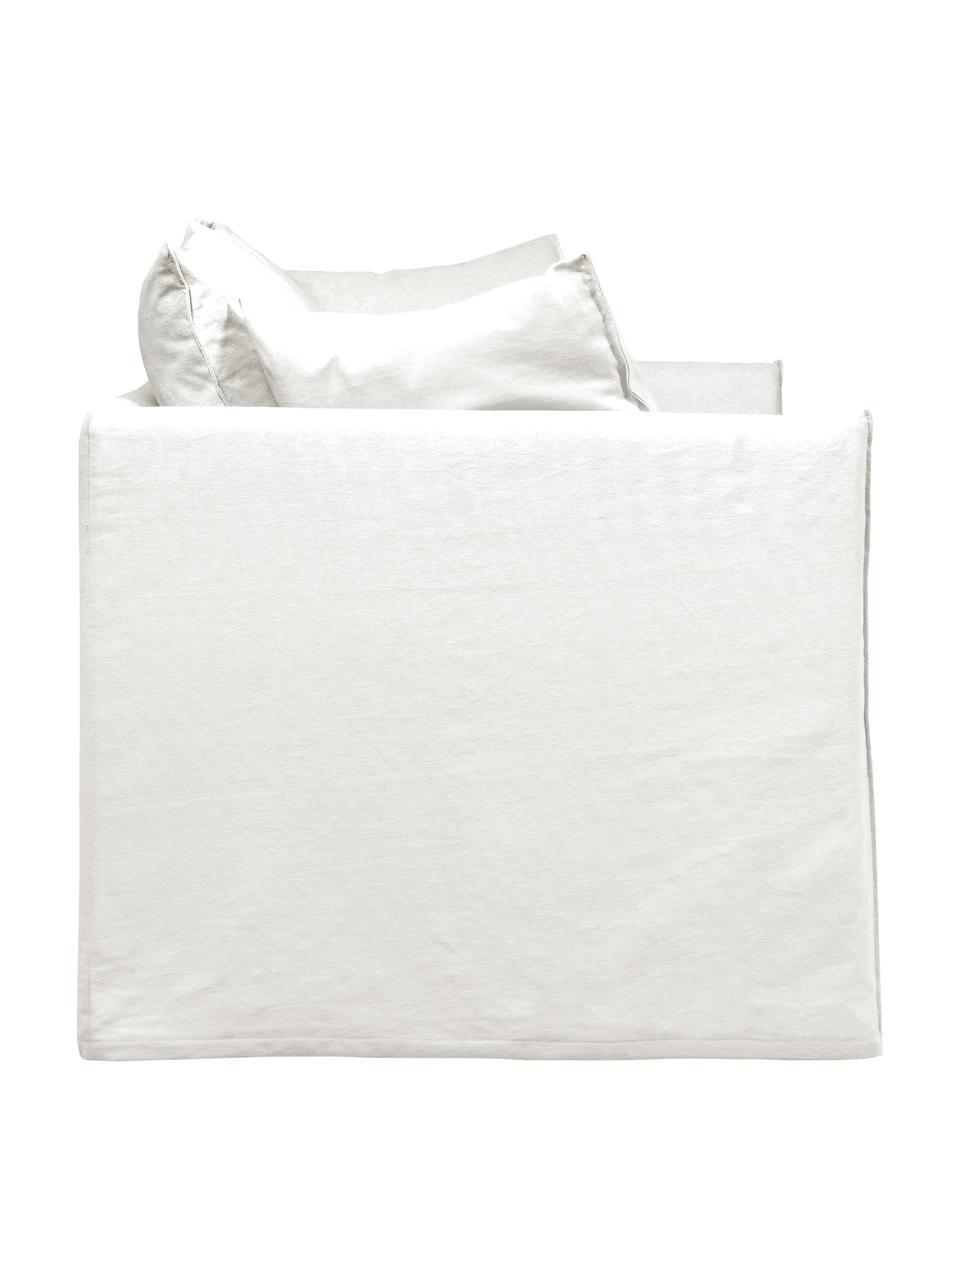 Divano 3 posti in tessuto bianco crema Mila, Rivestimento: cotone 26.000 cicli di sf, Struttura: legno di abete rosso mass, Piedini: materiale sintetico, Bianco crema, Larg. 195 x Prof. 82 cm